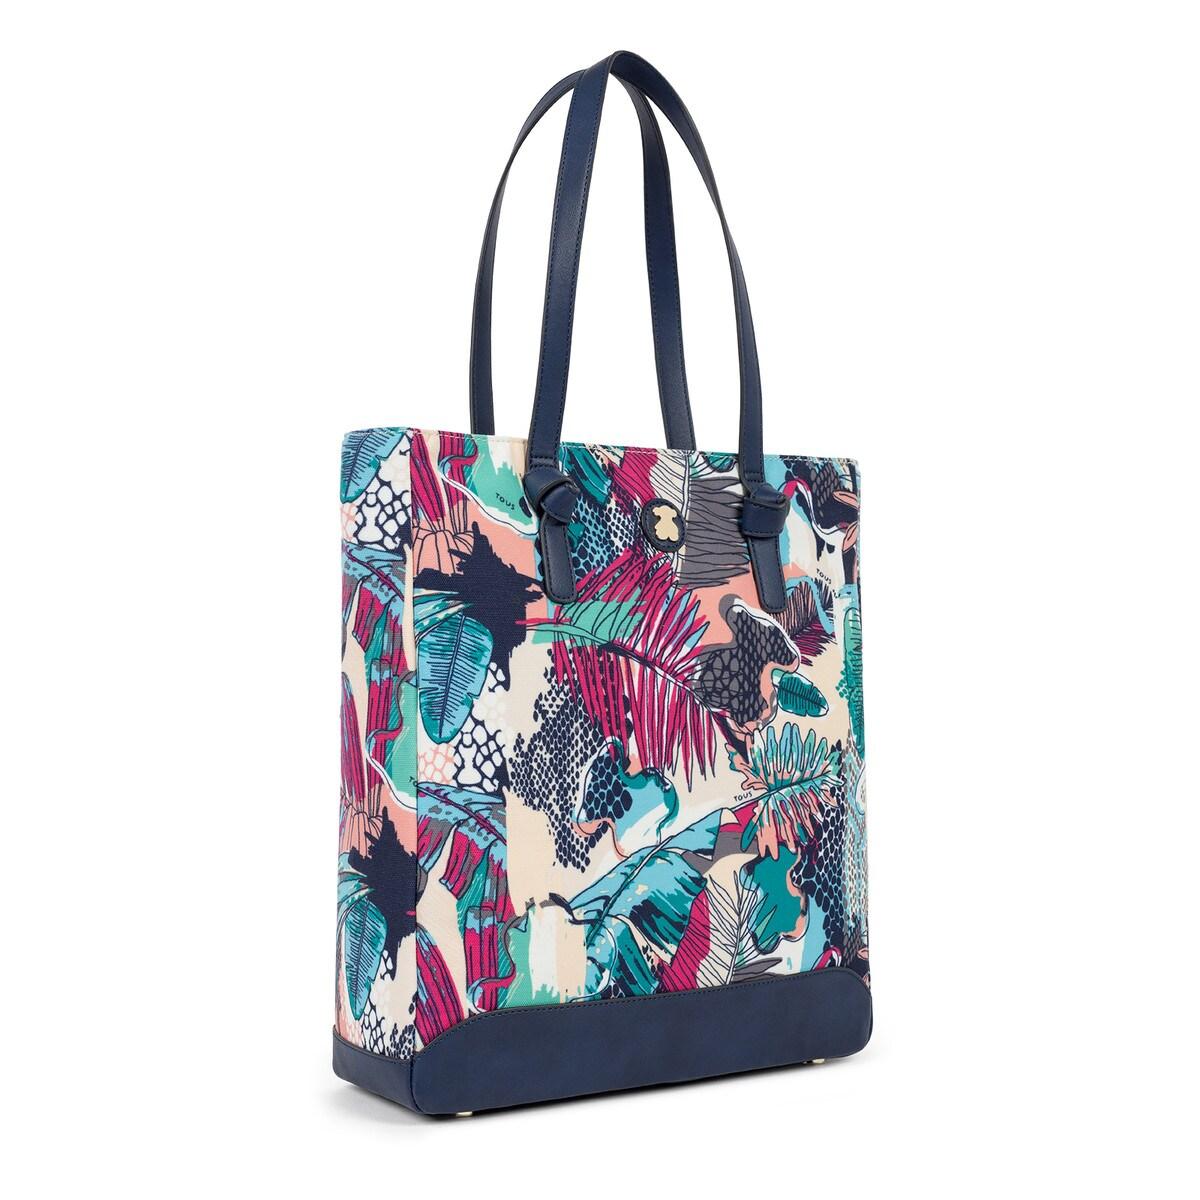 De Sitio Rialto España Color Tous Shopping En Multi Lona Web w8NnPkOX0